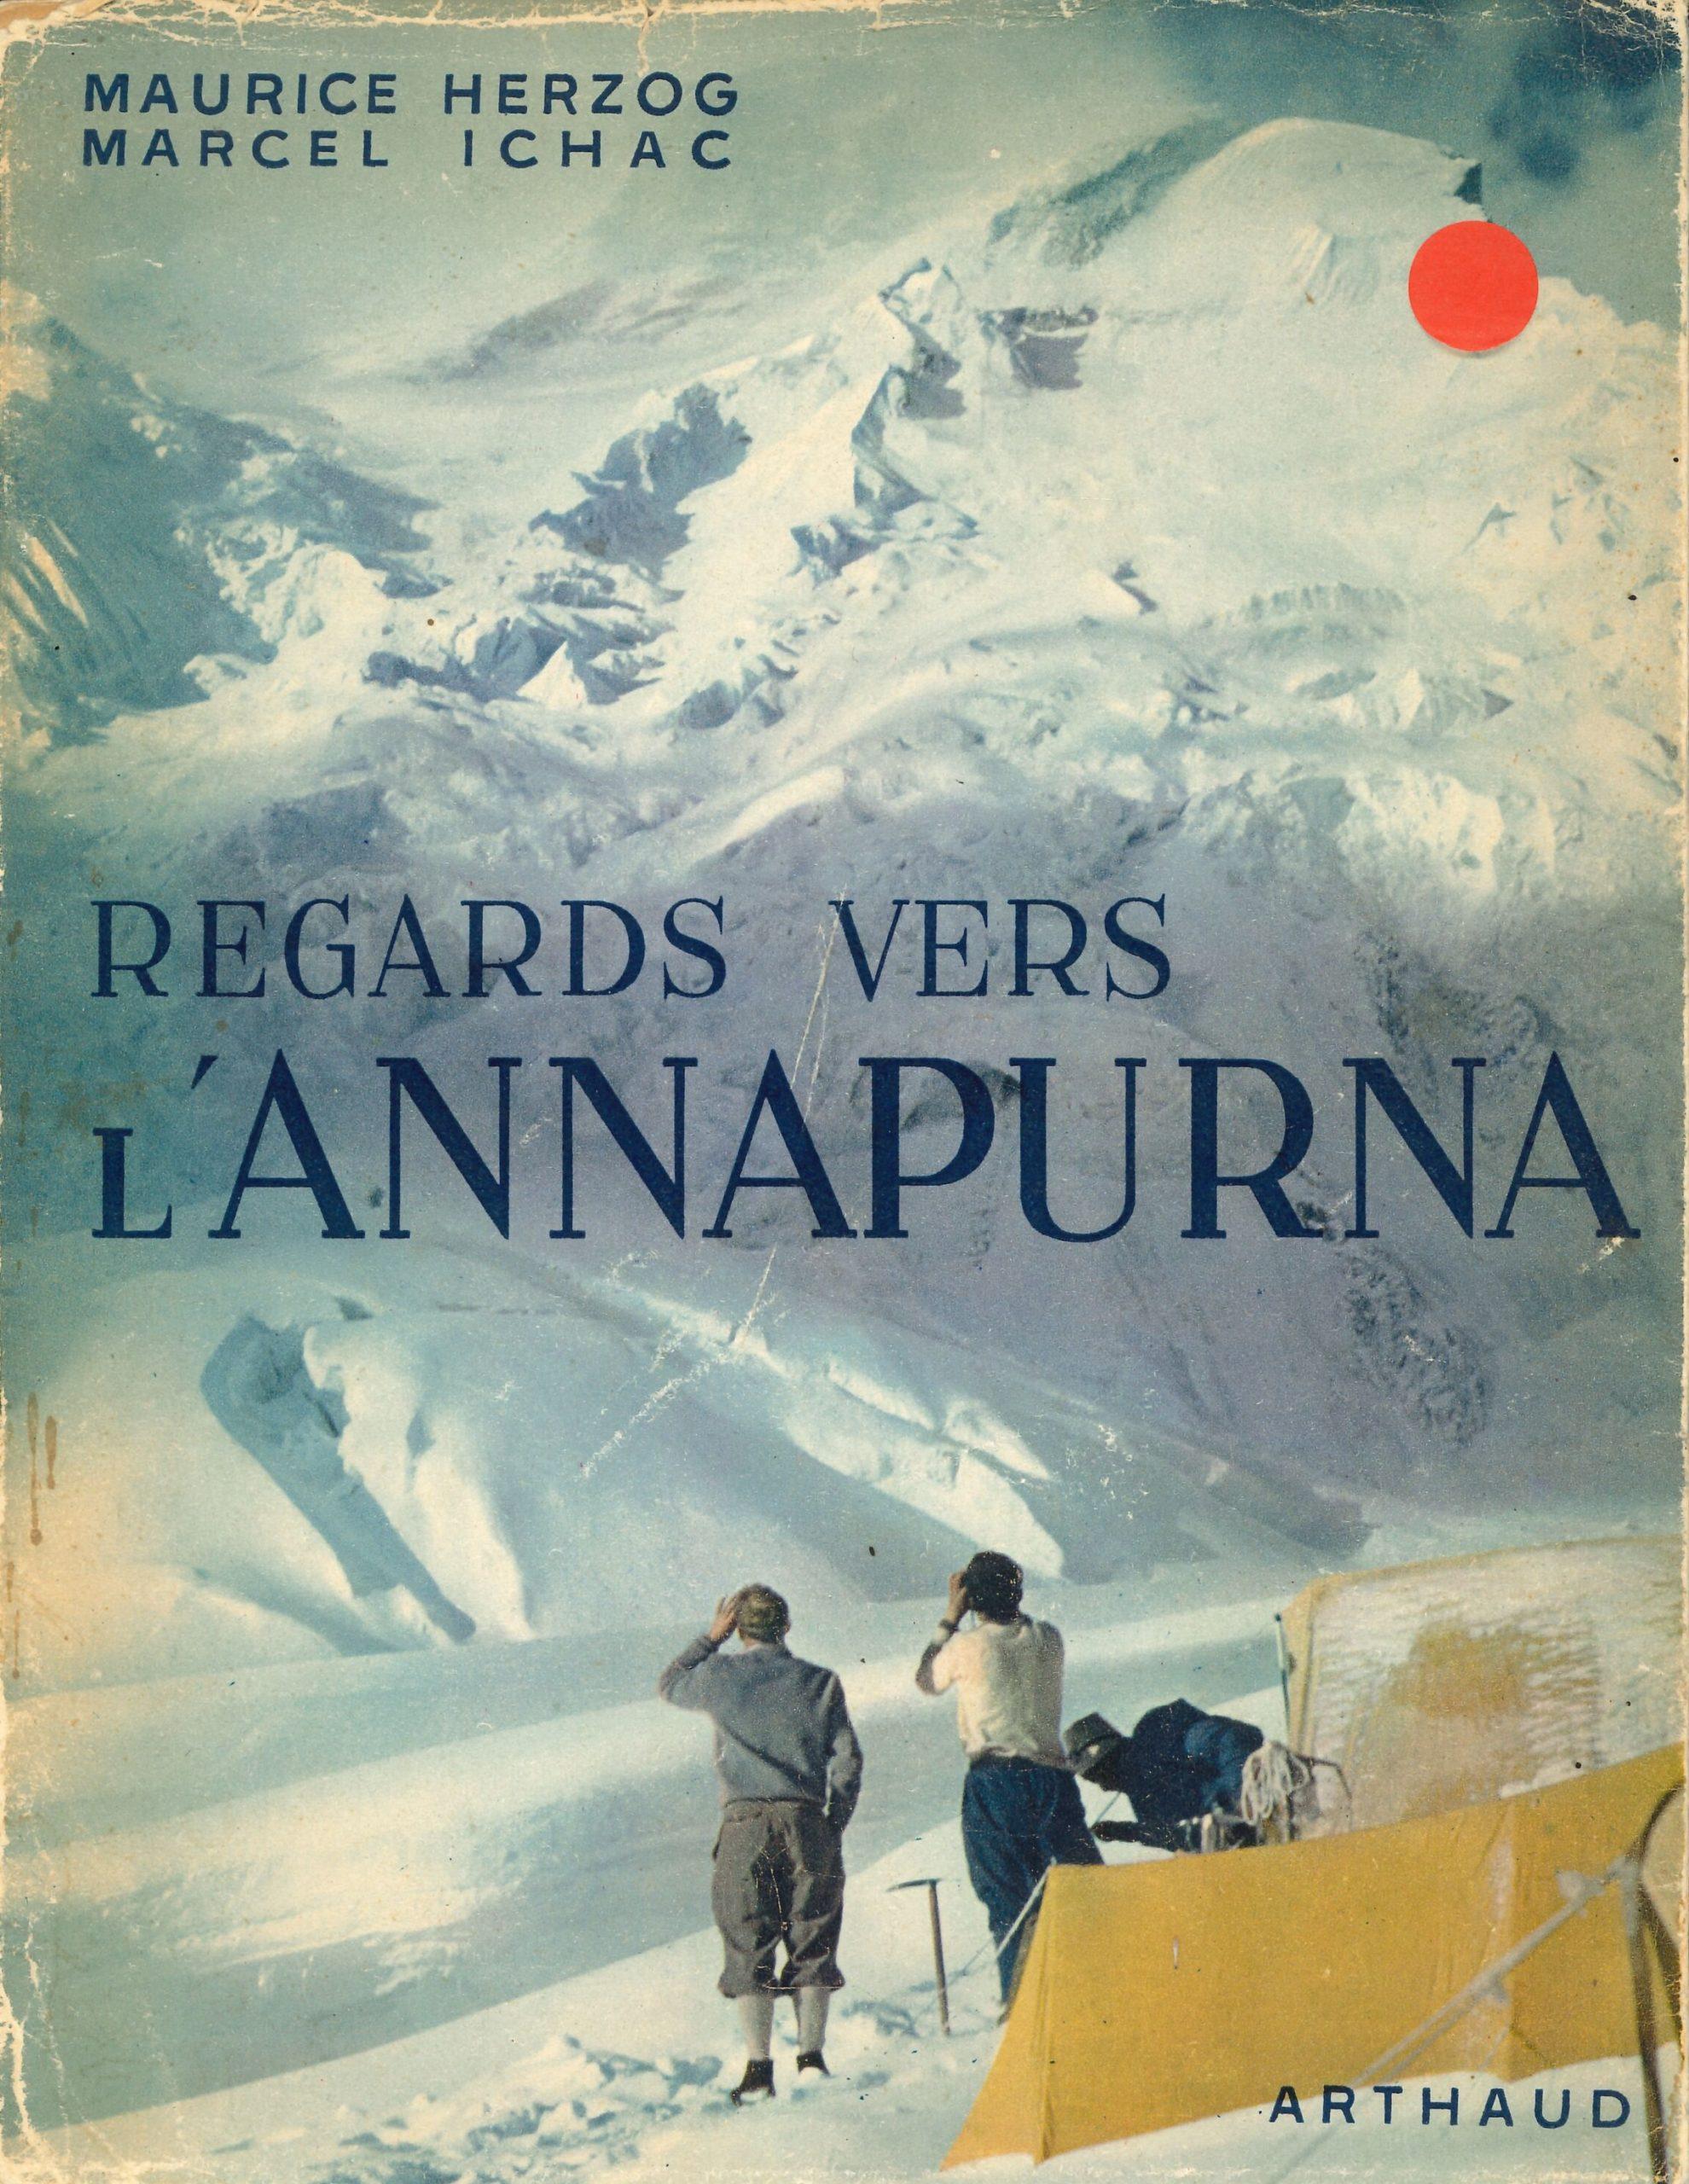 Regards vers l'Annapurna, couverture du Livre de Maurice HERZOG et de Marcel ICHAC édition ARTHAUD 1951